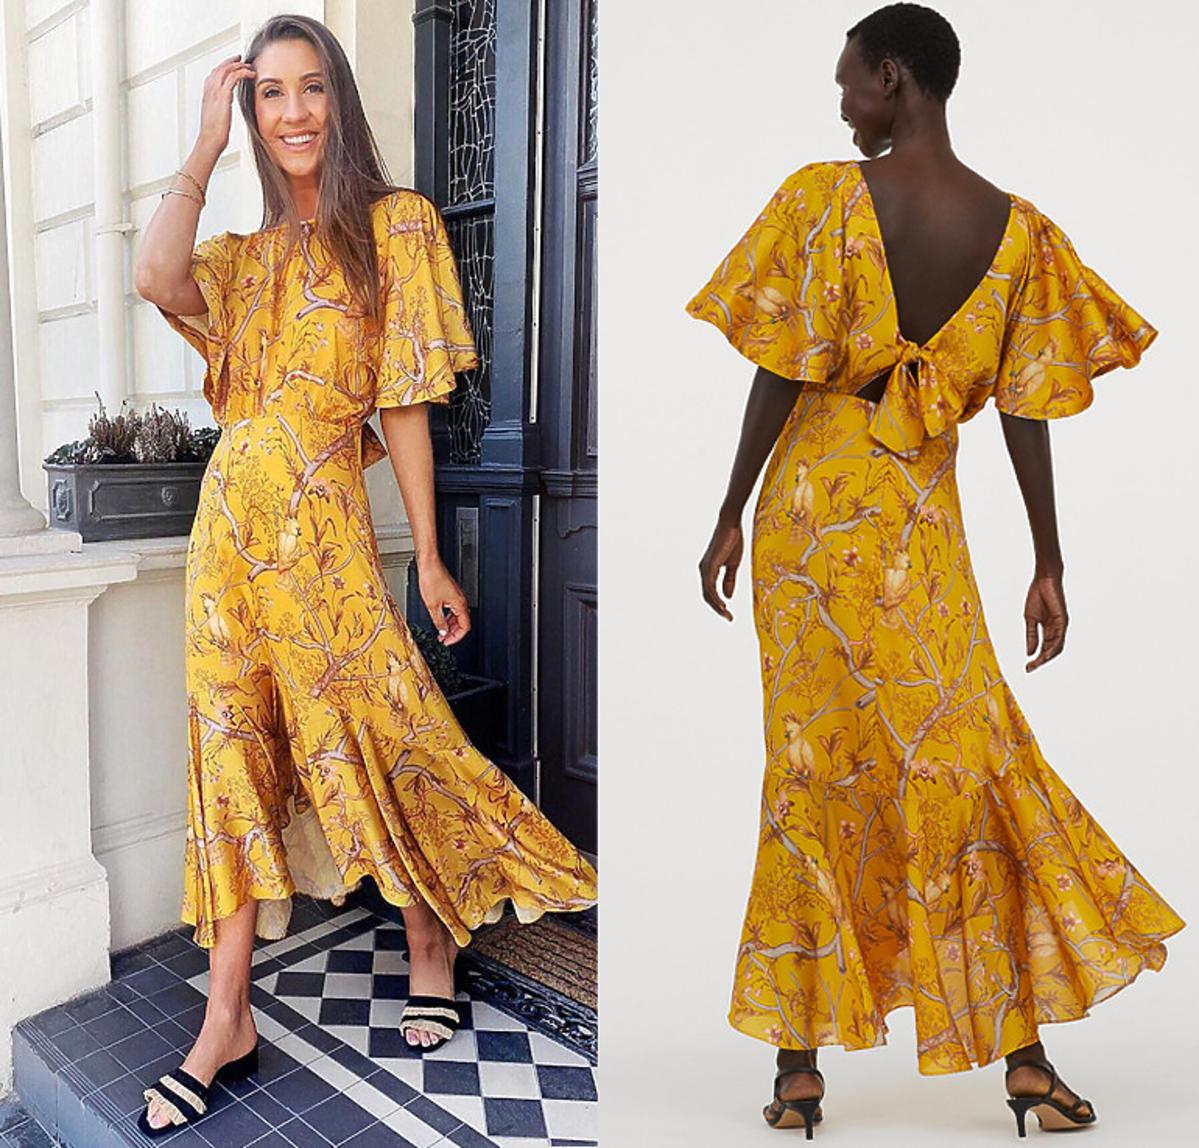 Żółta sukienka maxi z H&M za 199 zł jest hitem Instagrama